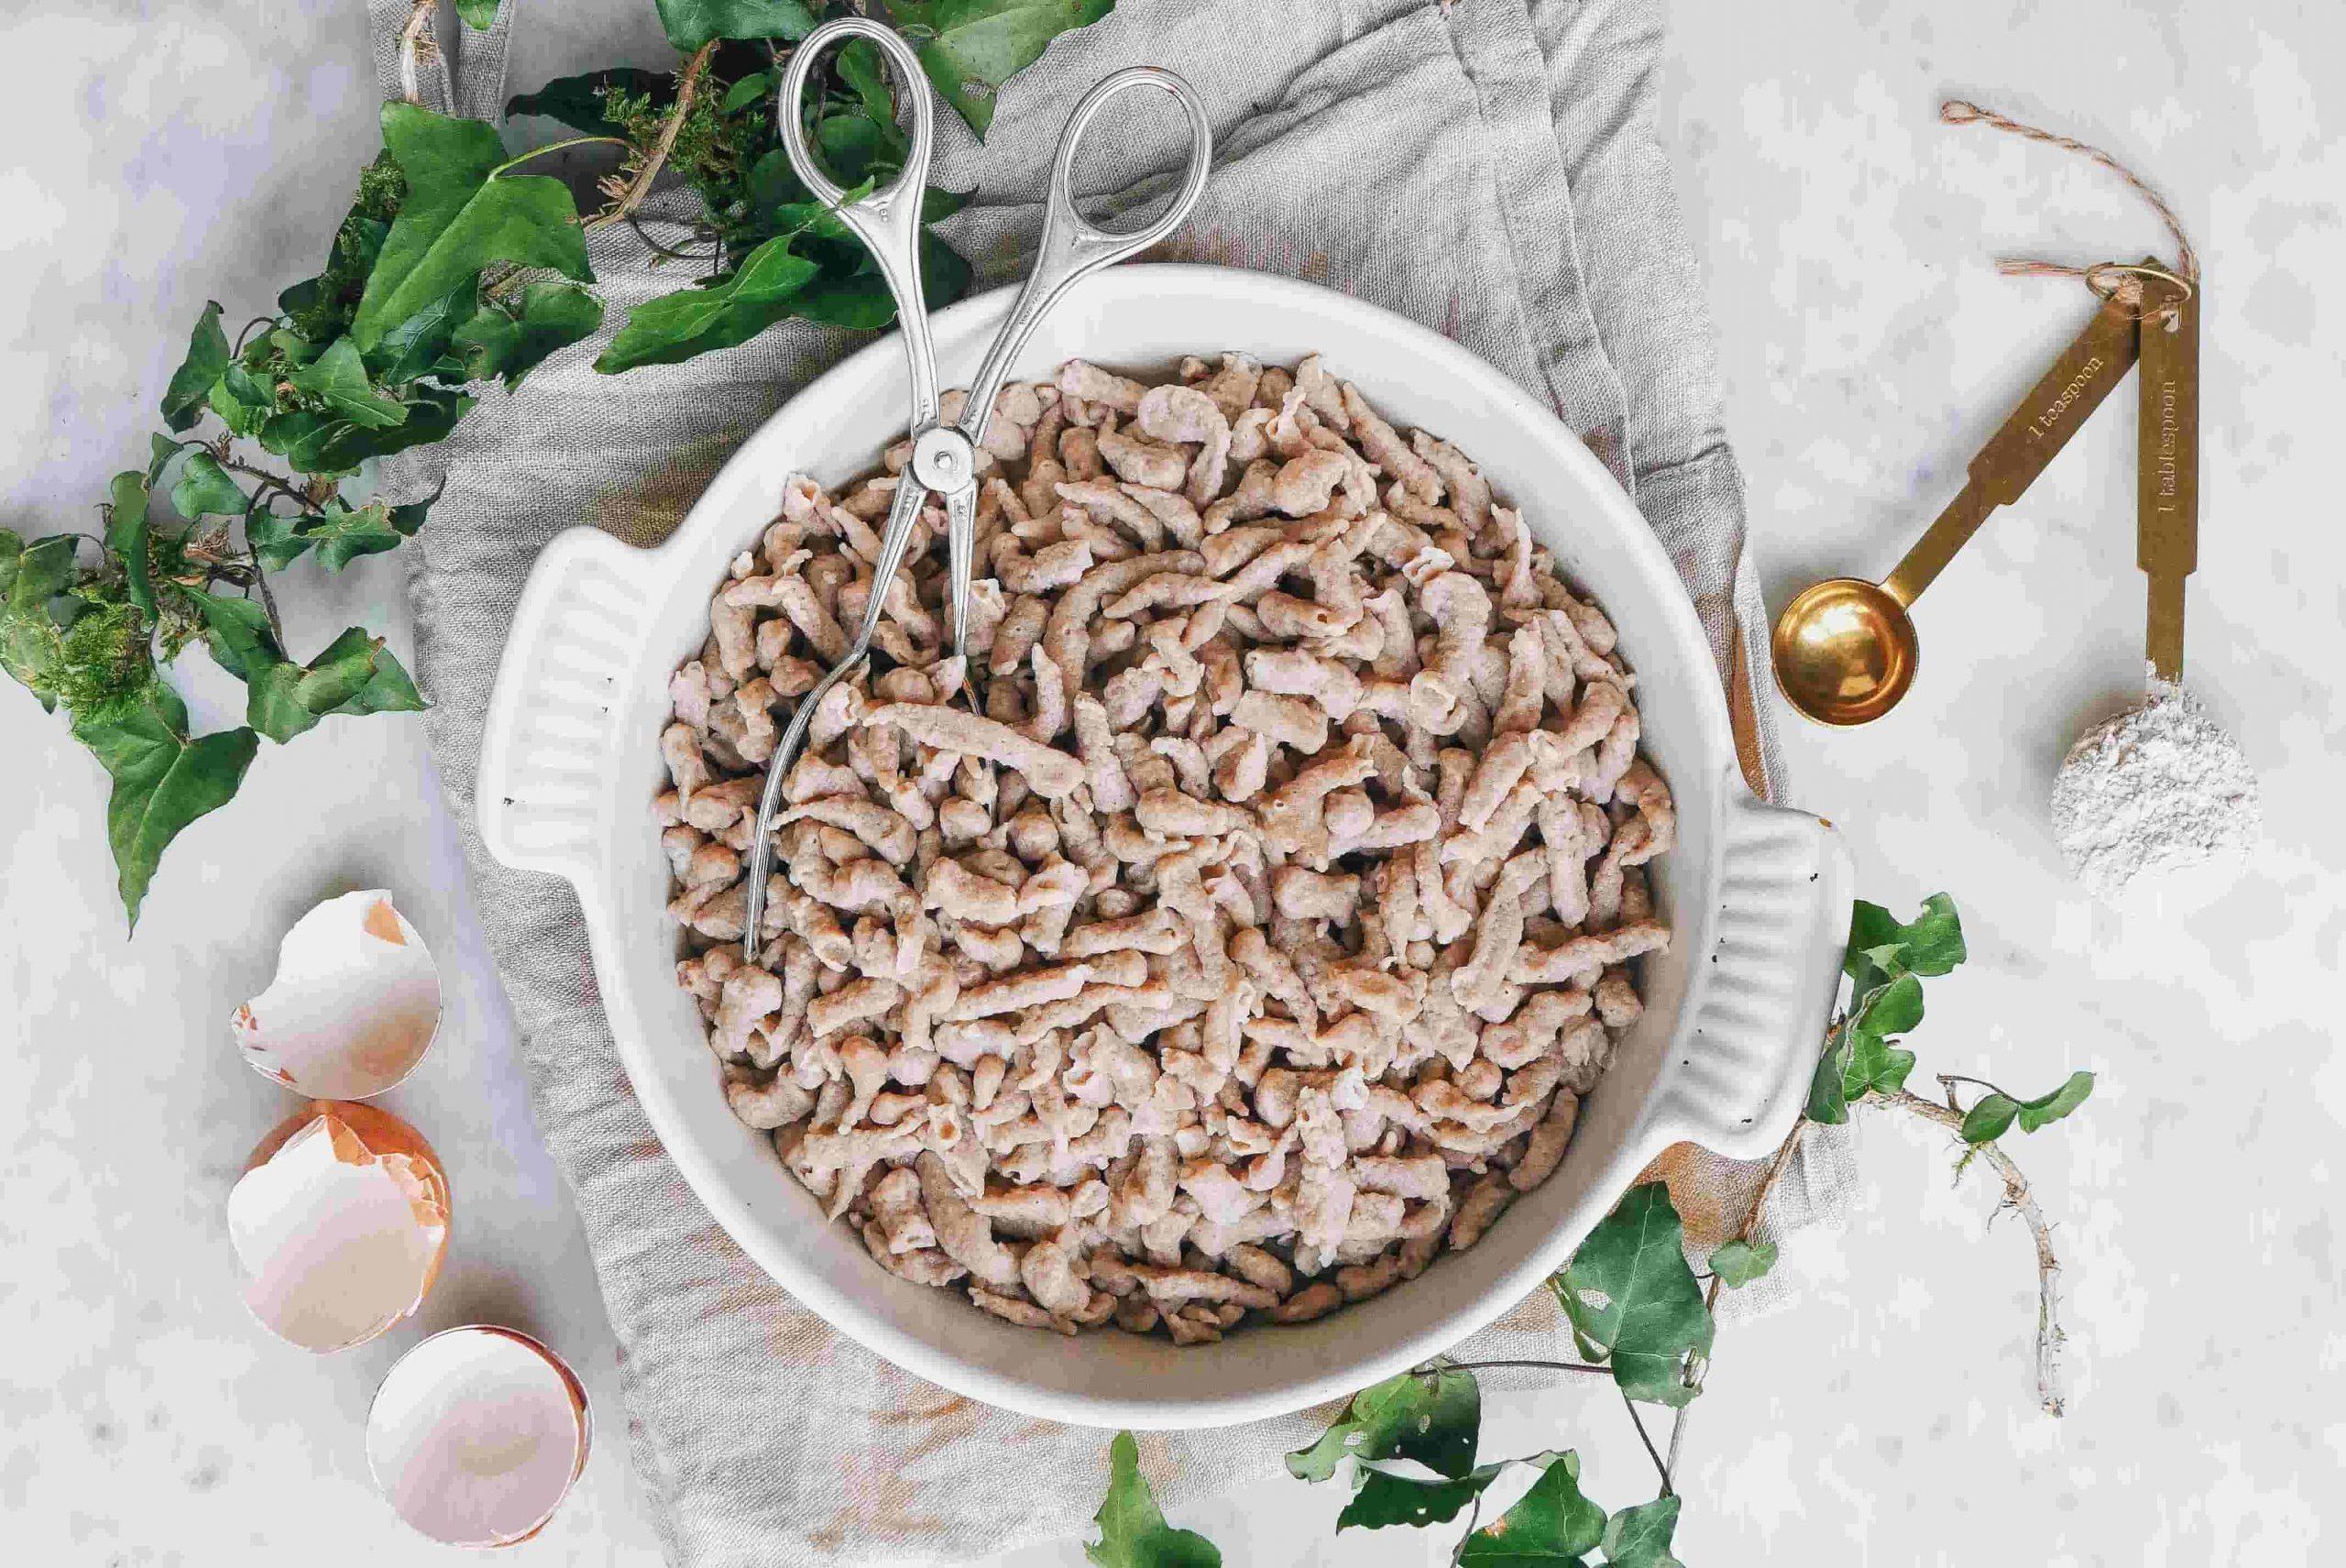 Recette maison de Spätlzis nutrition Genève et Annecy